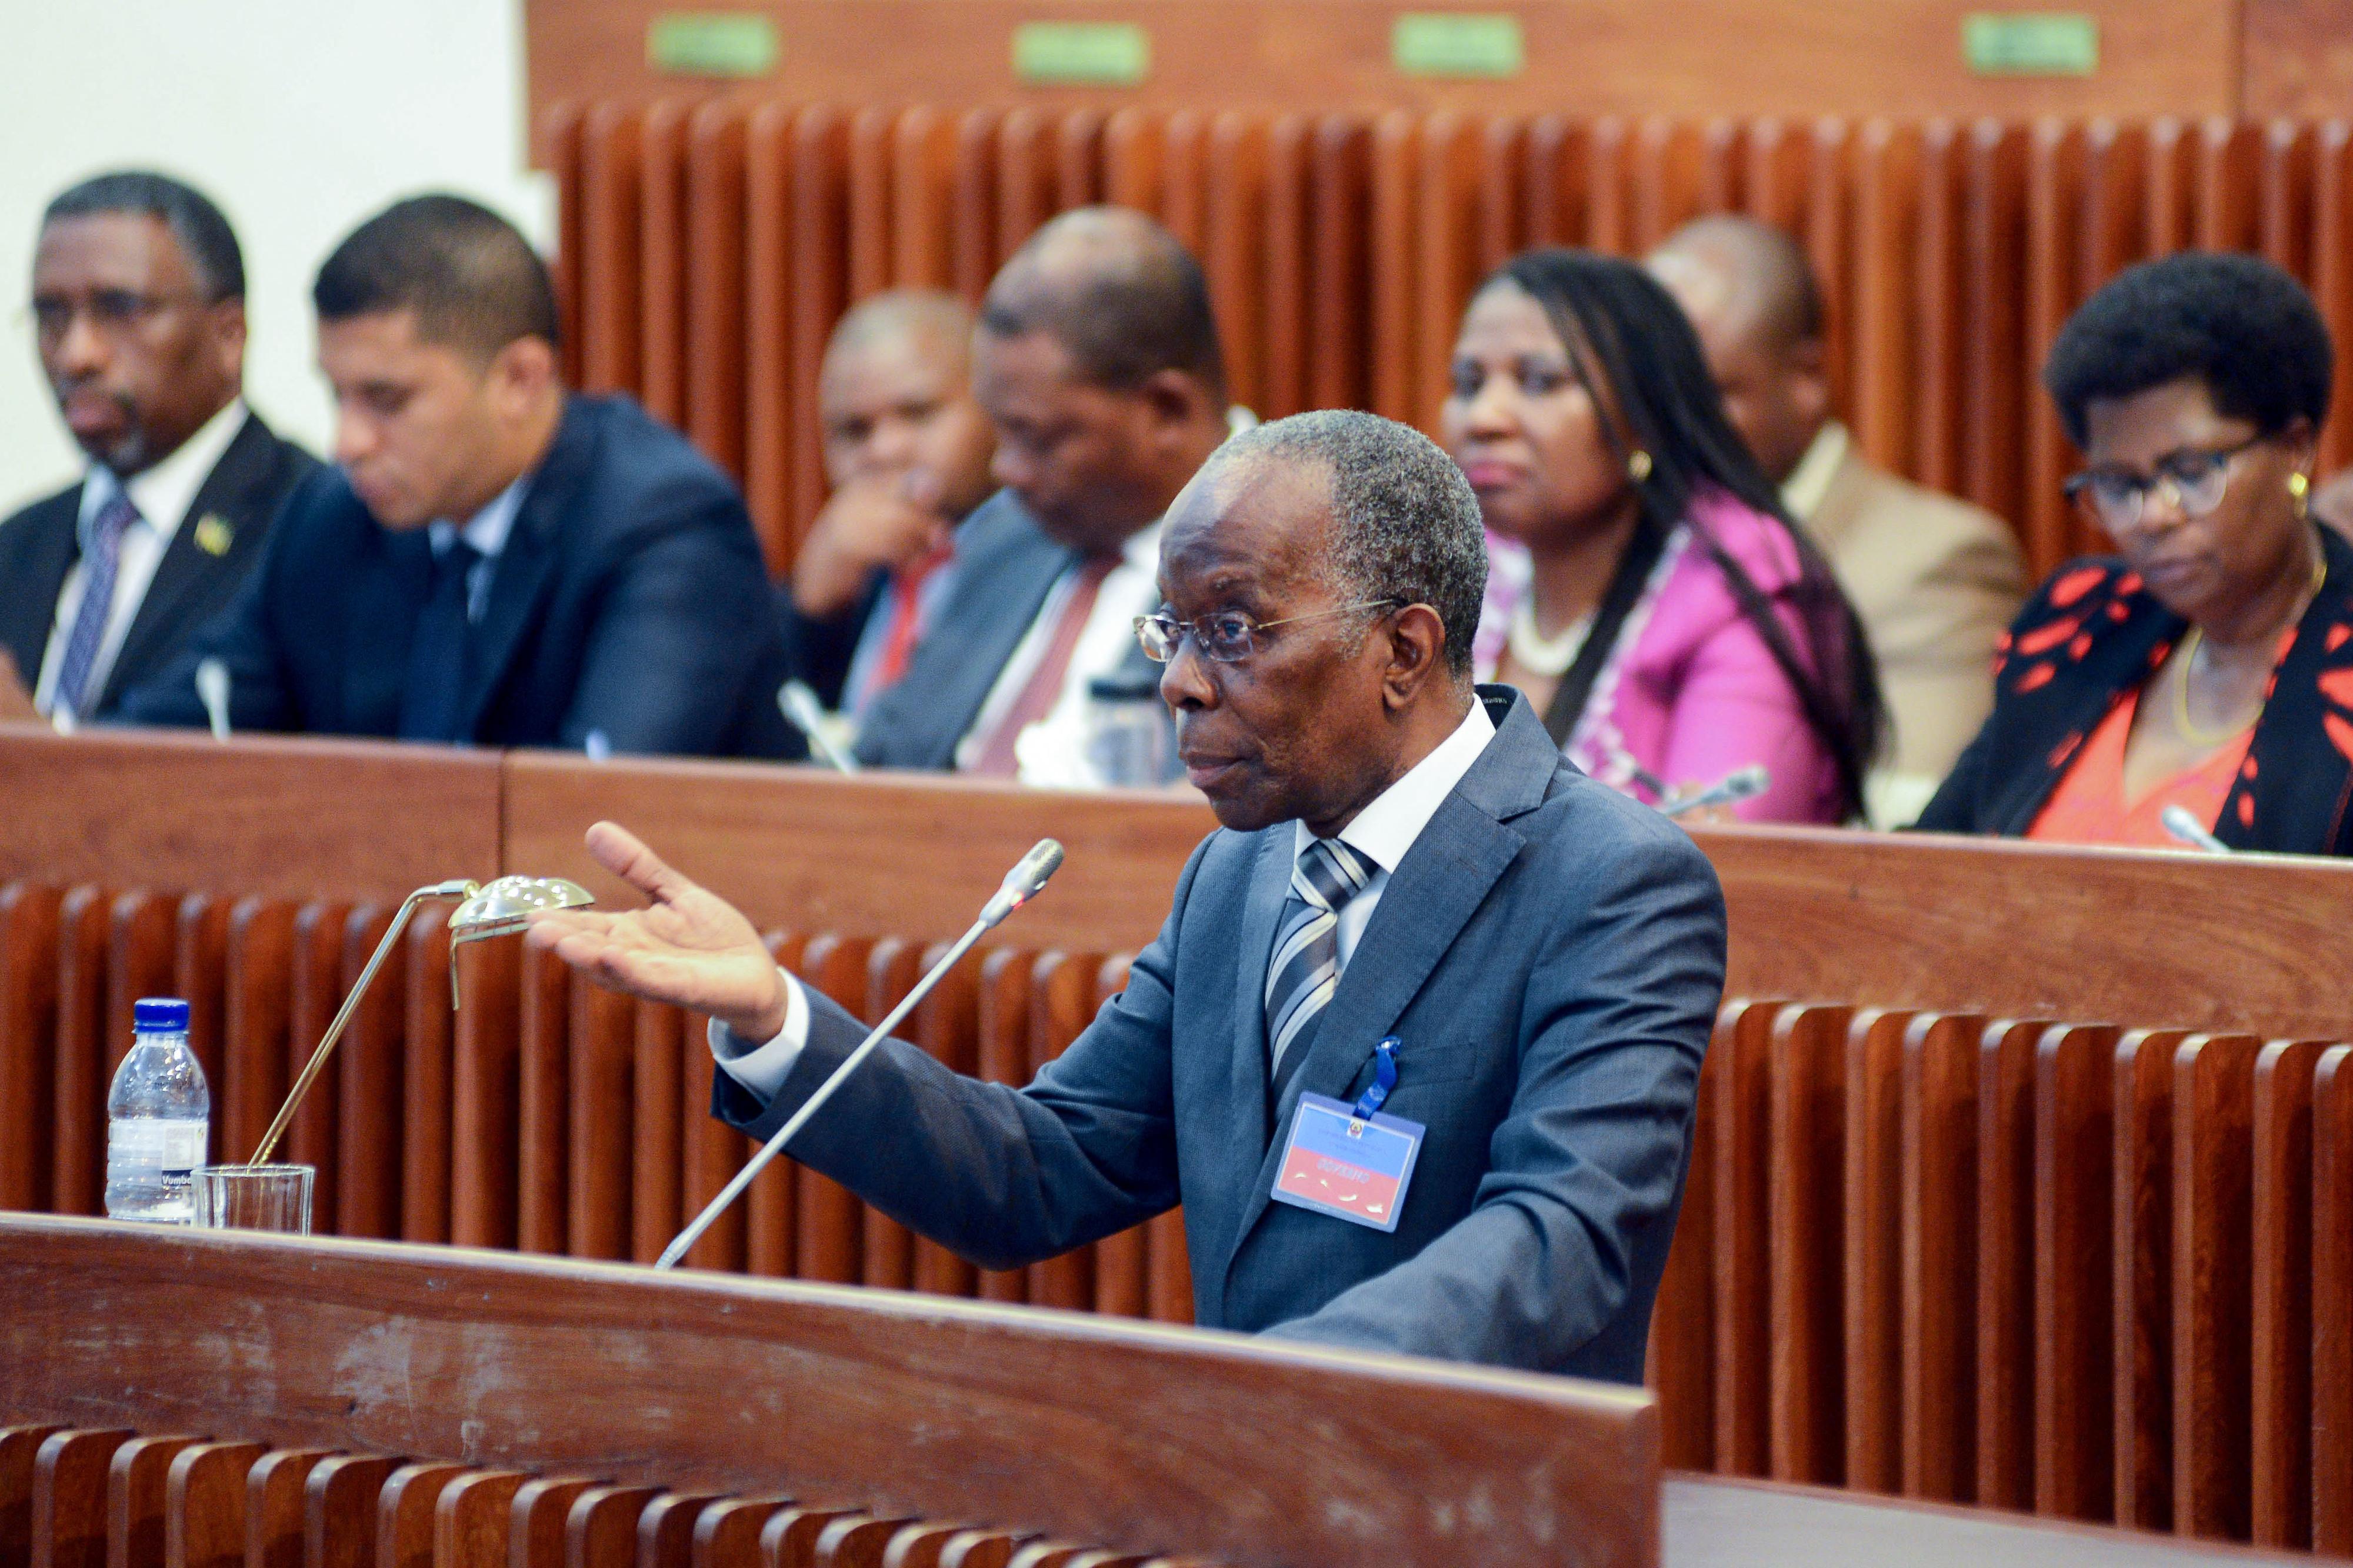 Governo moçambicano rejeita que esteja a arrastar negociações com credores